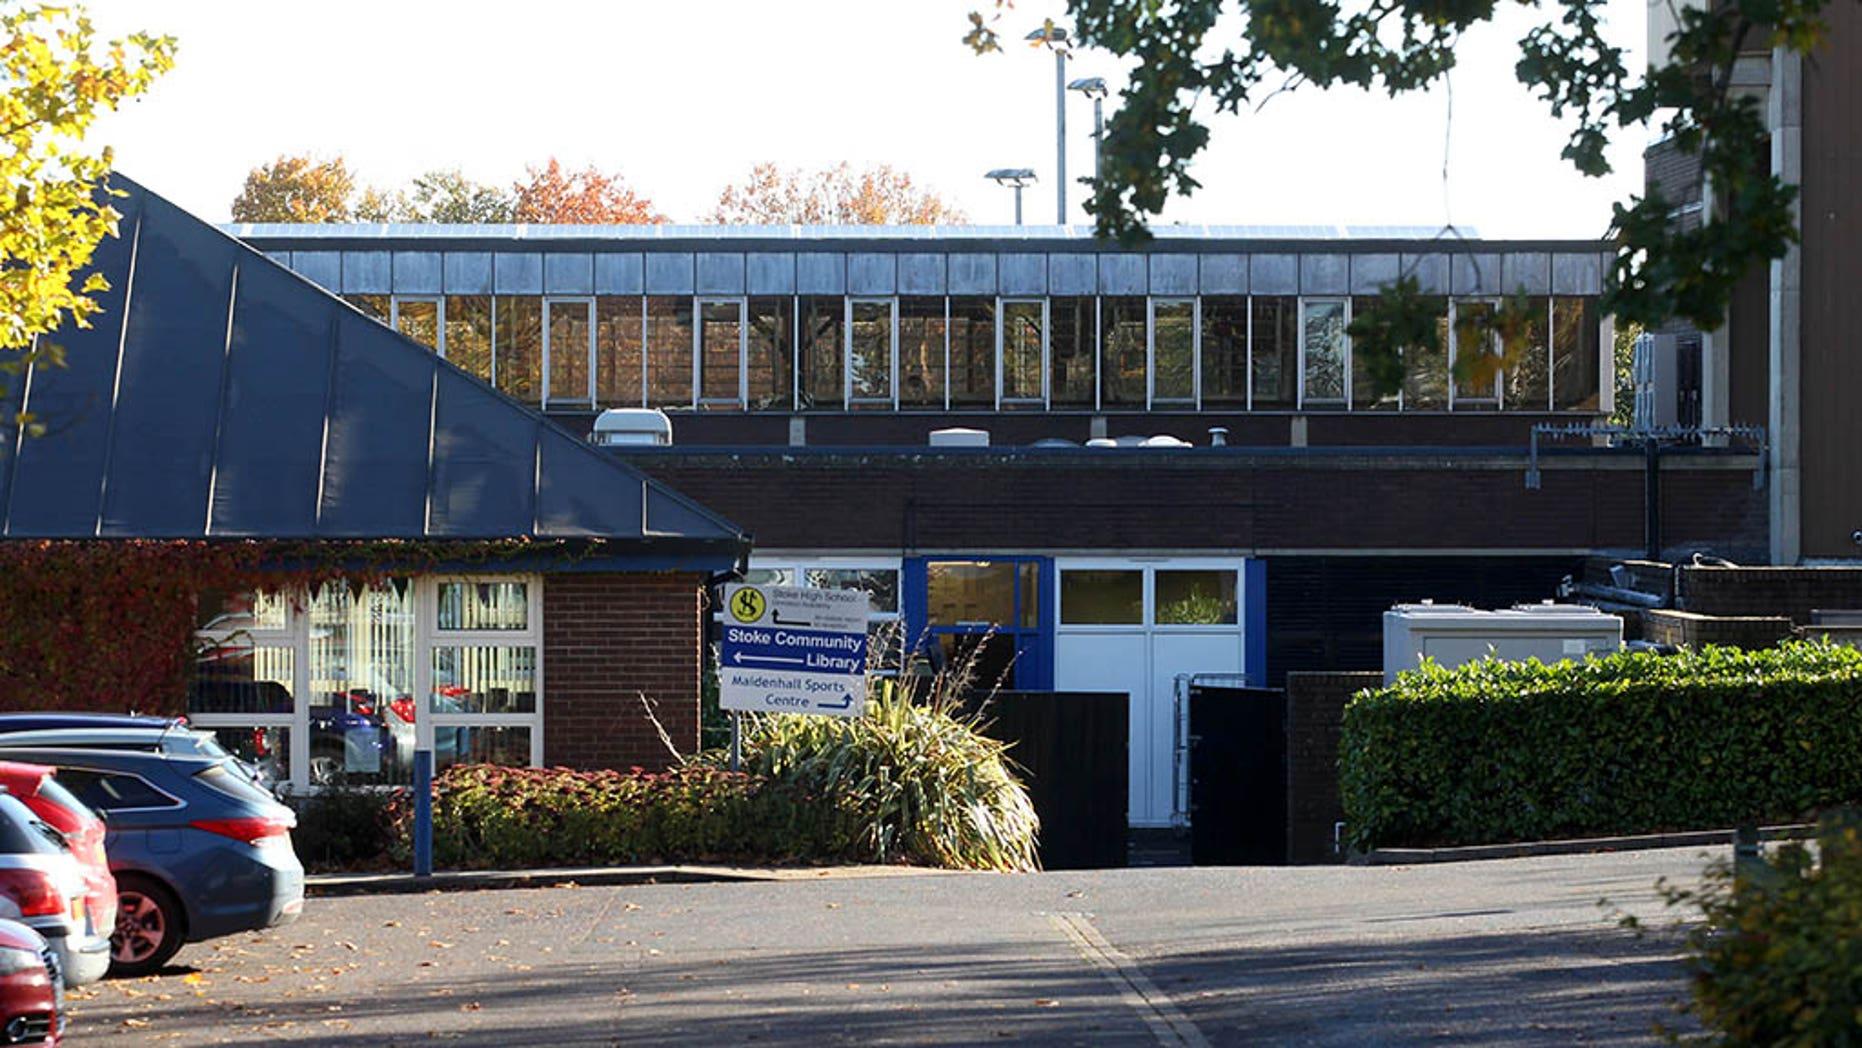 Stoke High School in Ipswich, Suffolk.